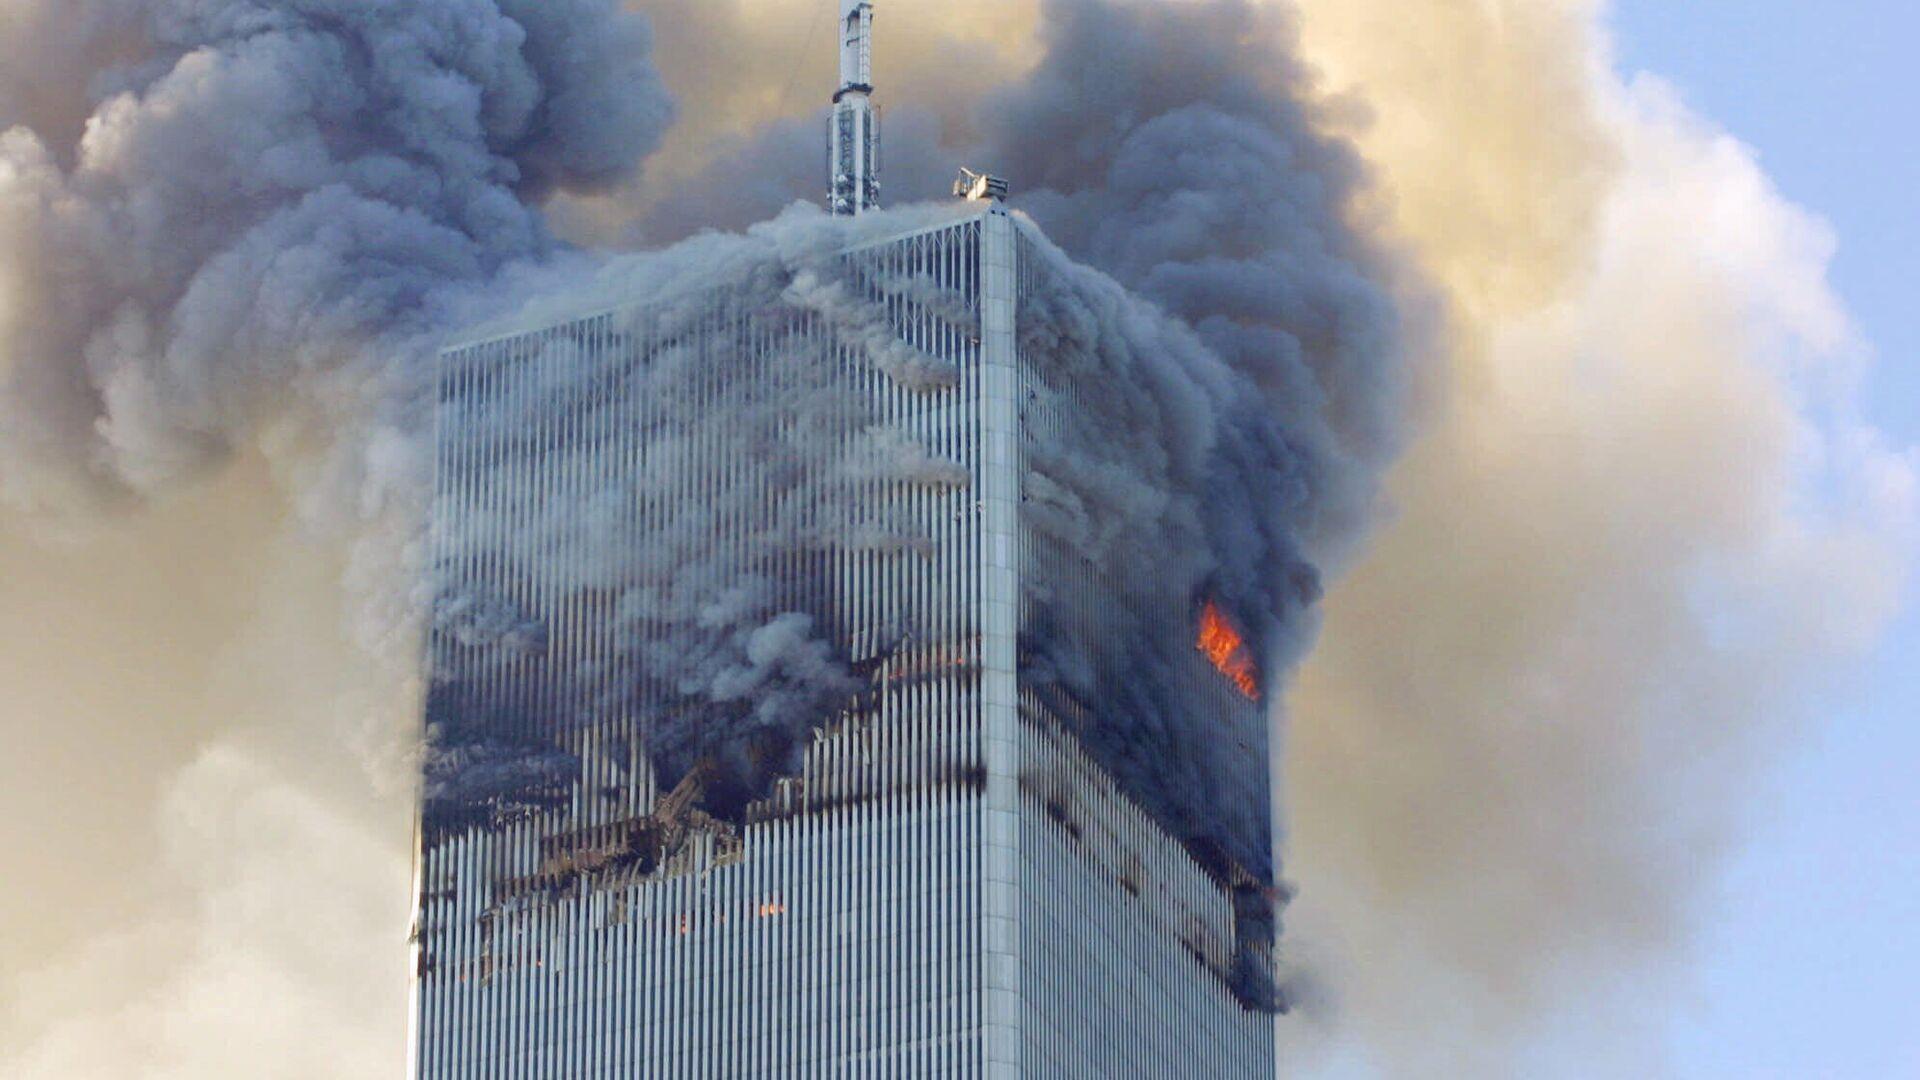 11η Σεπτεμβρίου, Δίδυμοι Πύργοι 11/9 - Sputnik Ελλάδα, 1920, 13.09.2021